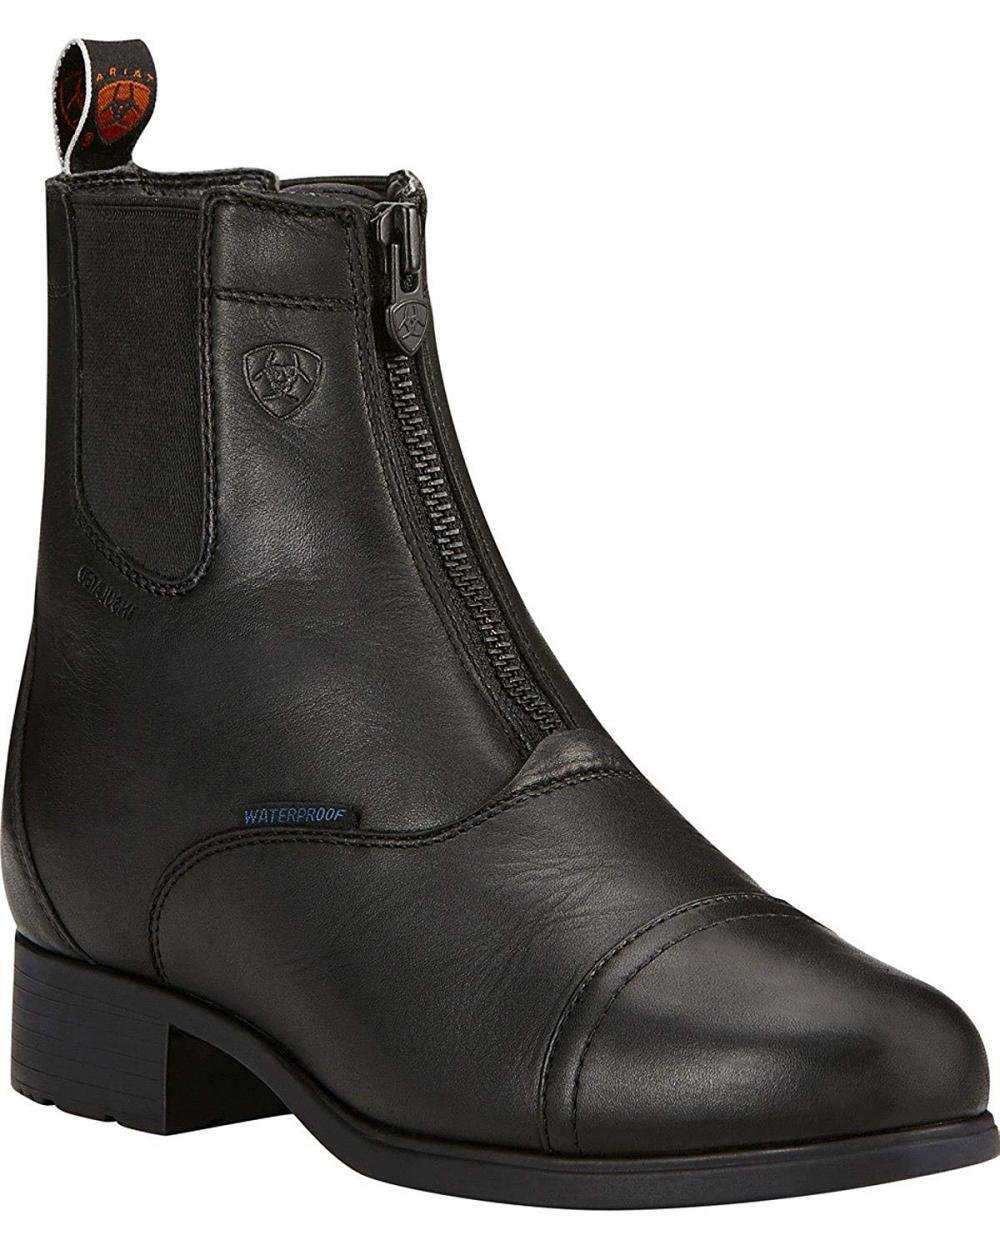 Ariat Women's Bromont Pro Zip Paddock Insulated Chelsea Boot